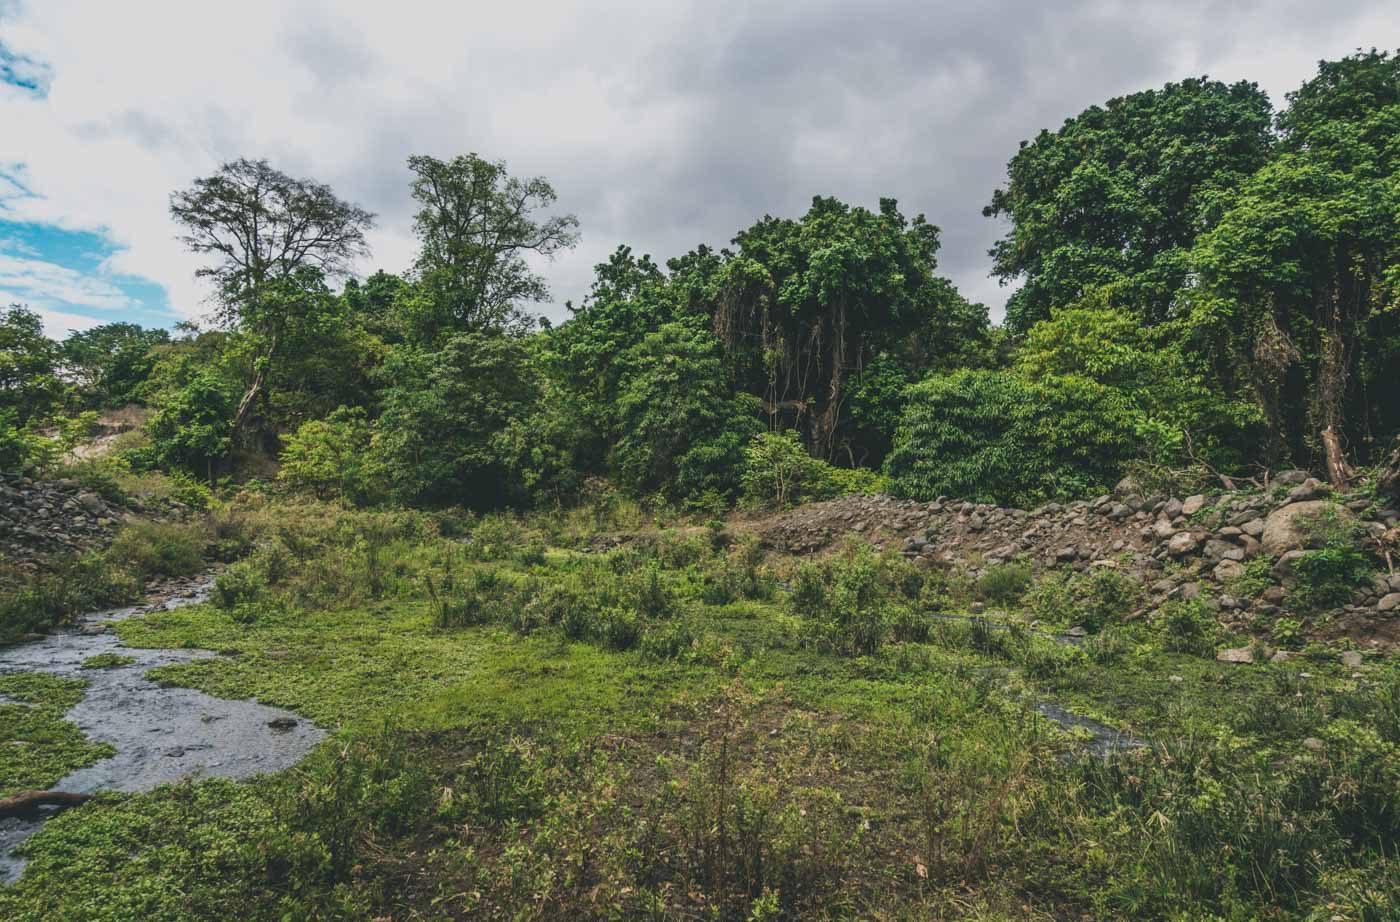 Serengeti wet season